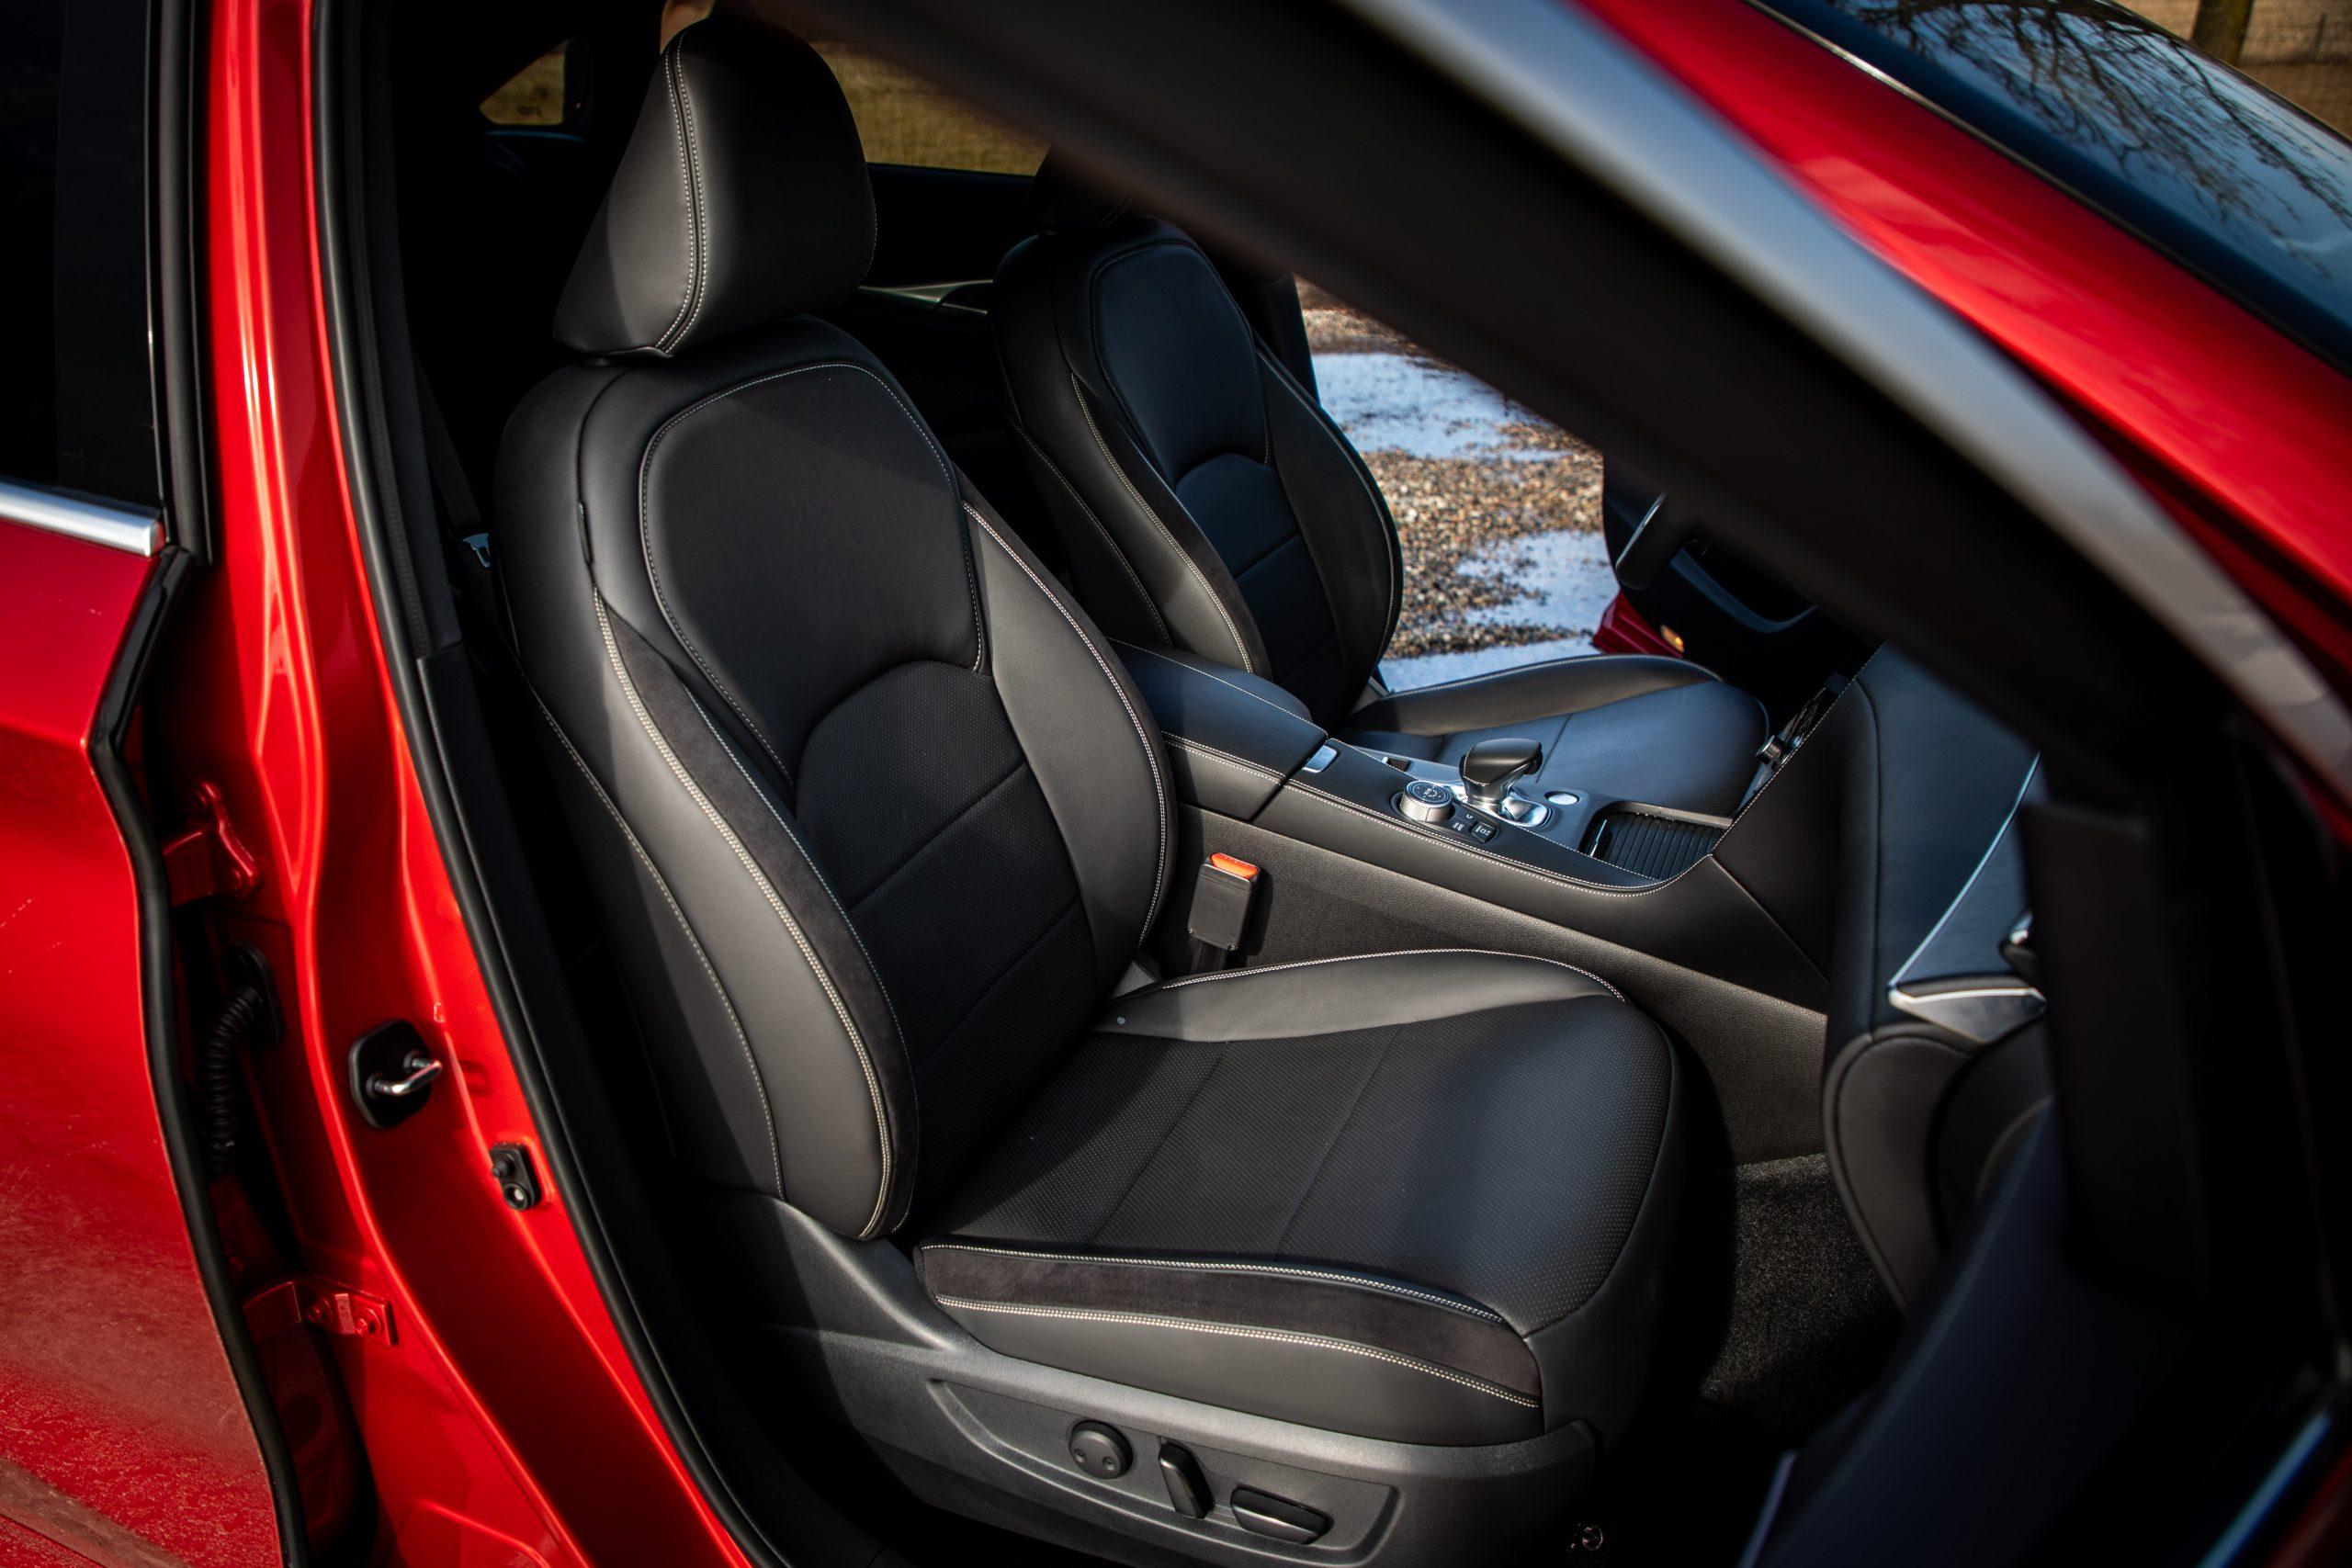 2022 Infiniti QX55 interior passenger seat